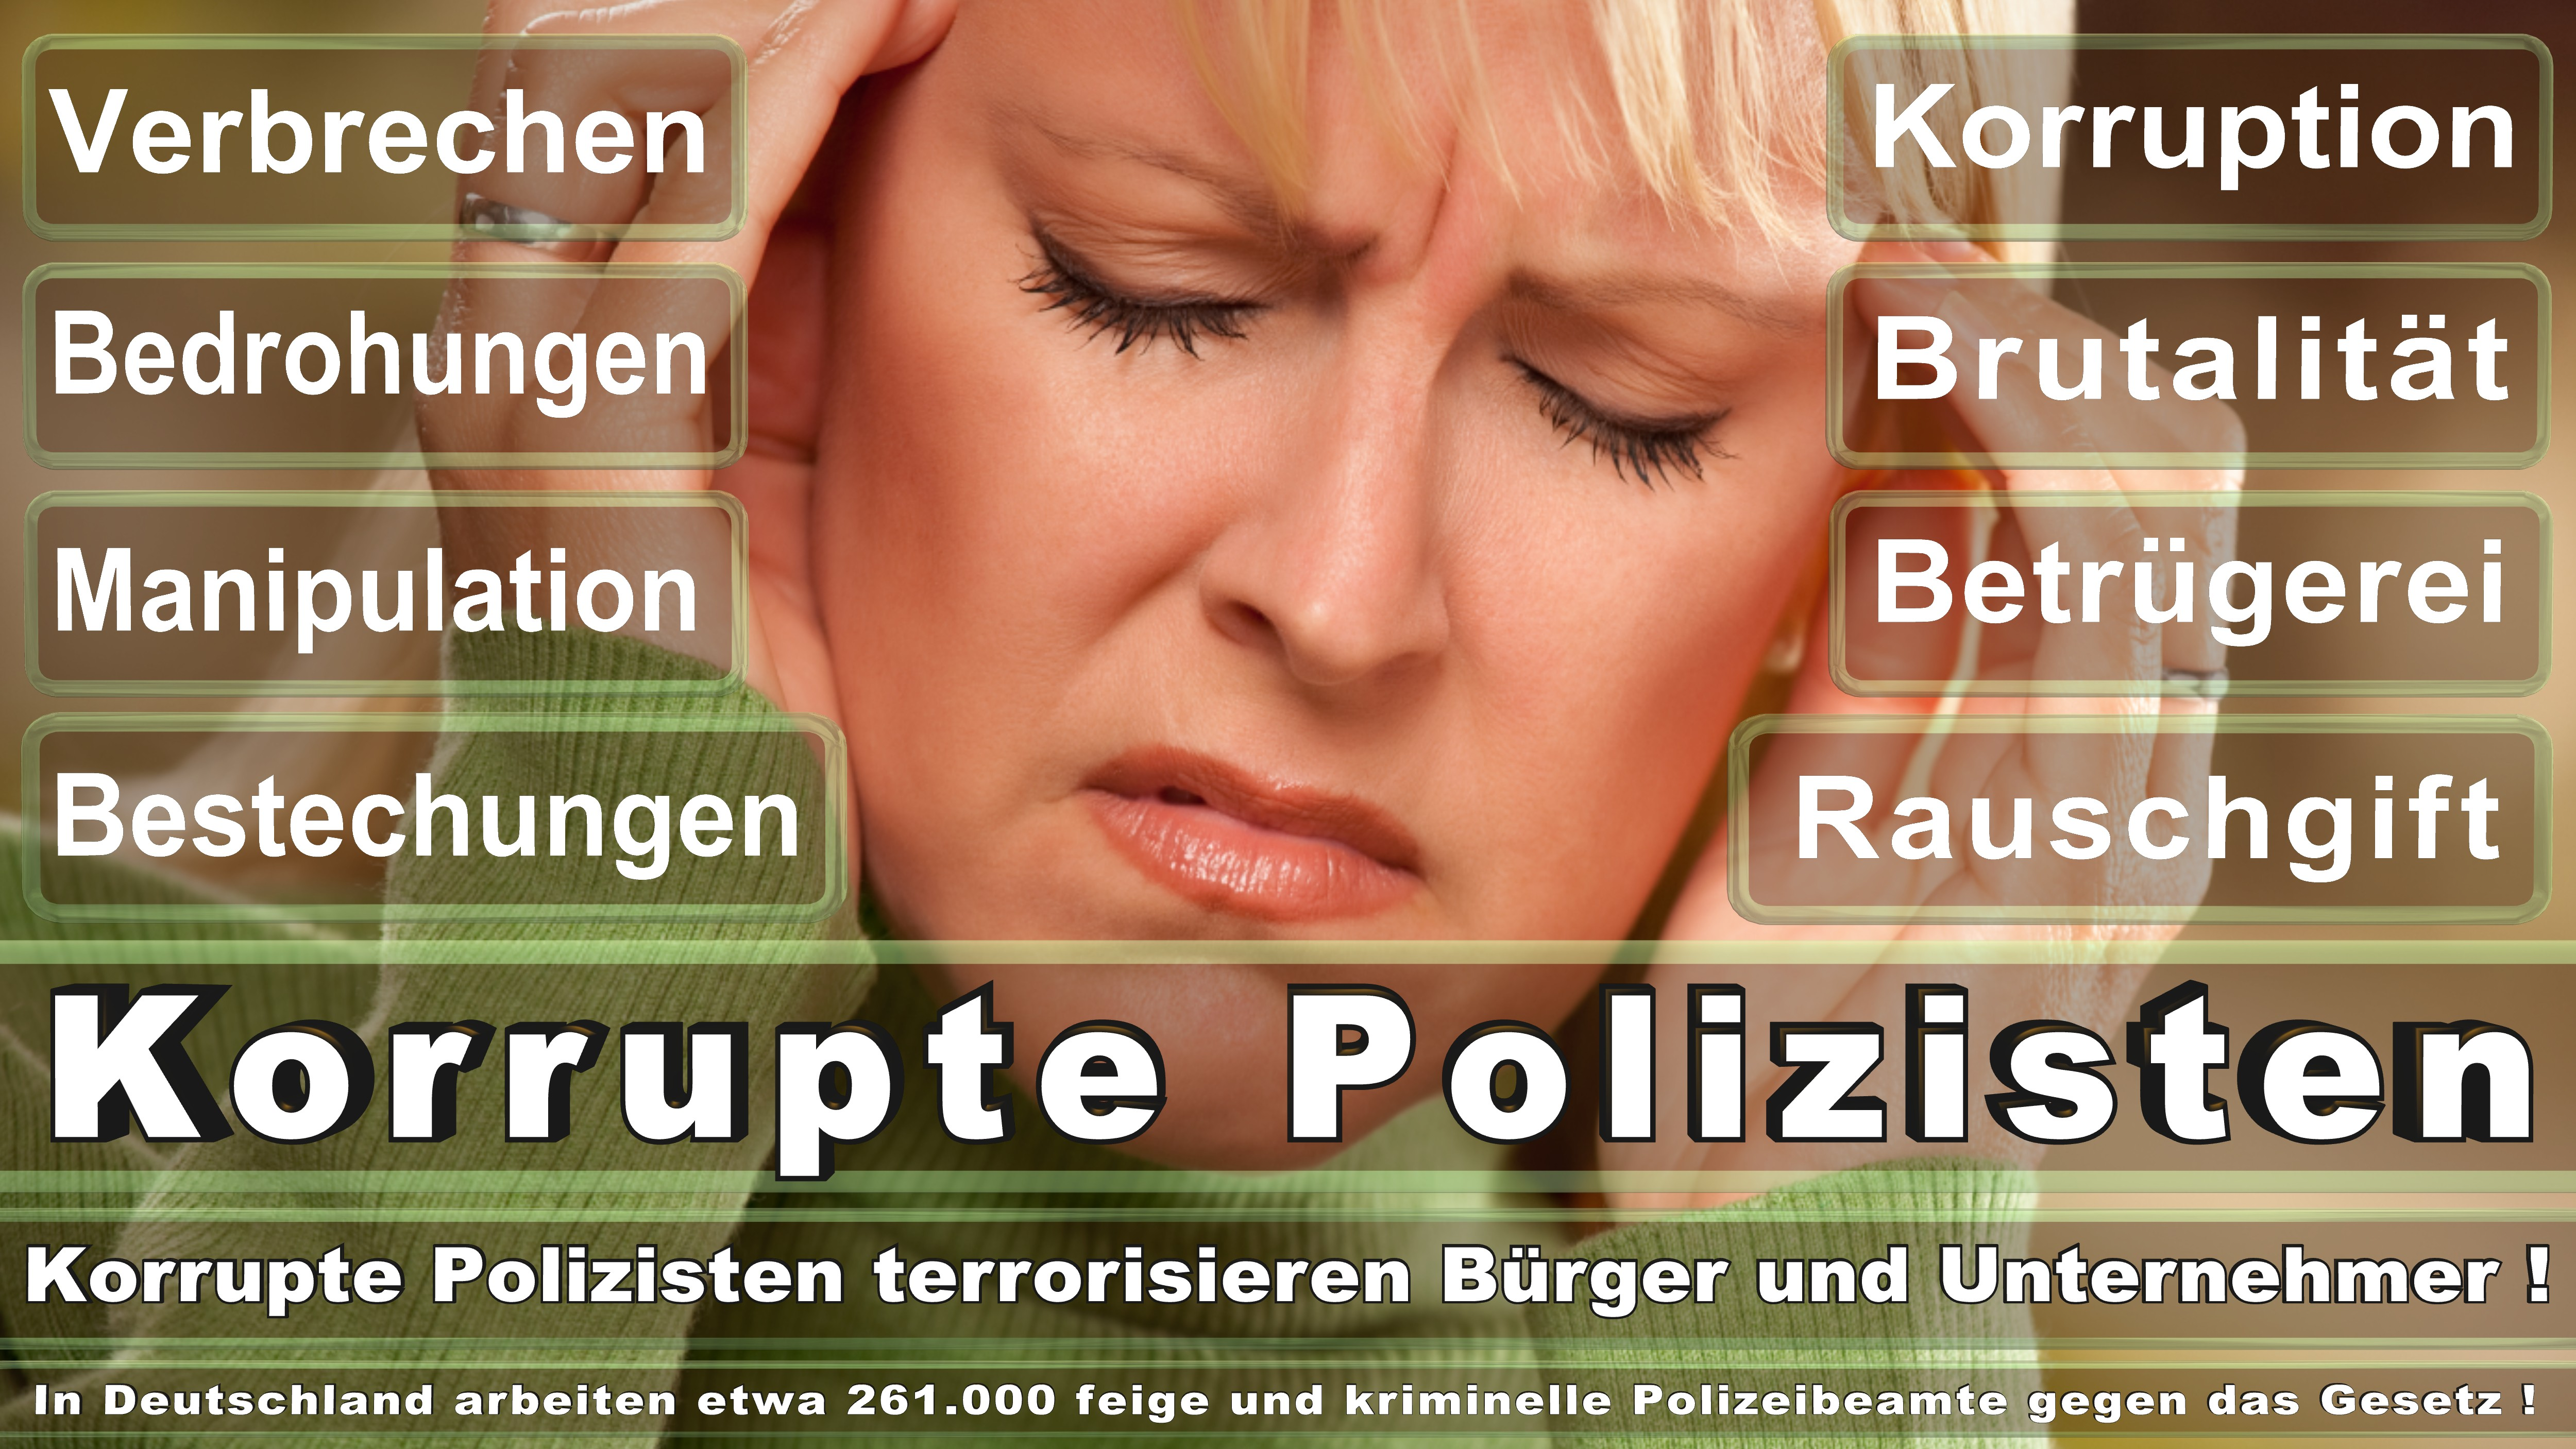 Polizei-Bielefeld (159) Kriminalrat, Kriminaldirektor, Regierungs- und Oberregierungs- Reichskriminaldirektor, Regierungsoberamtsrat,